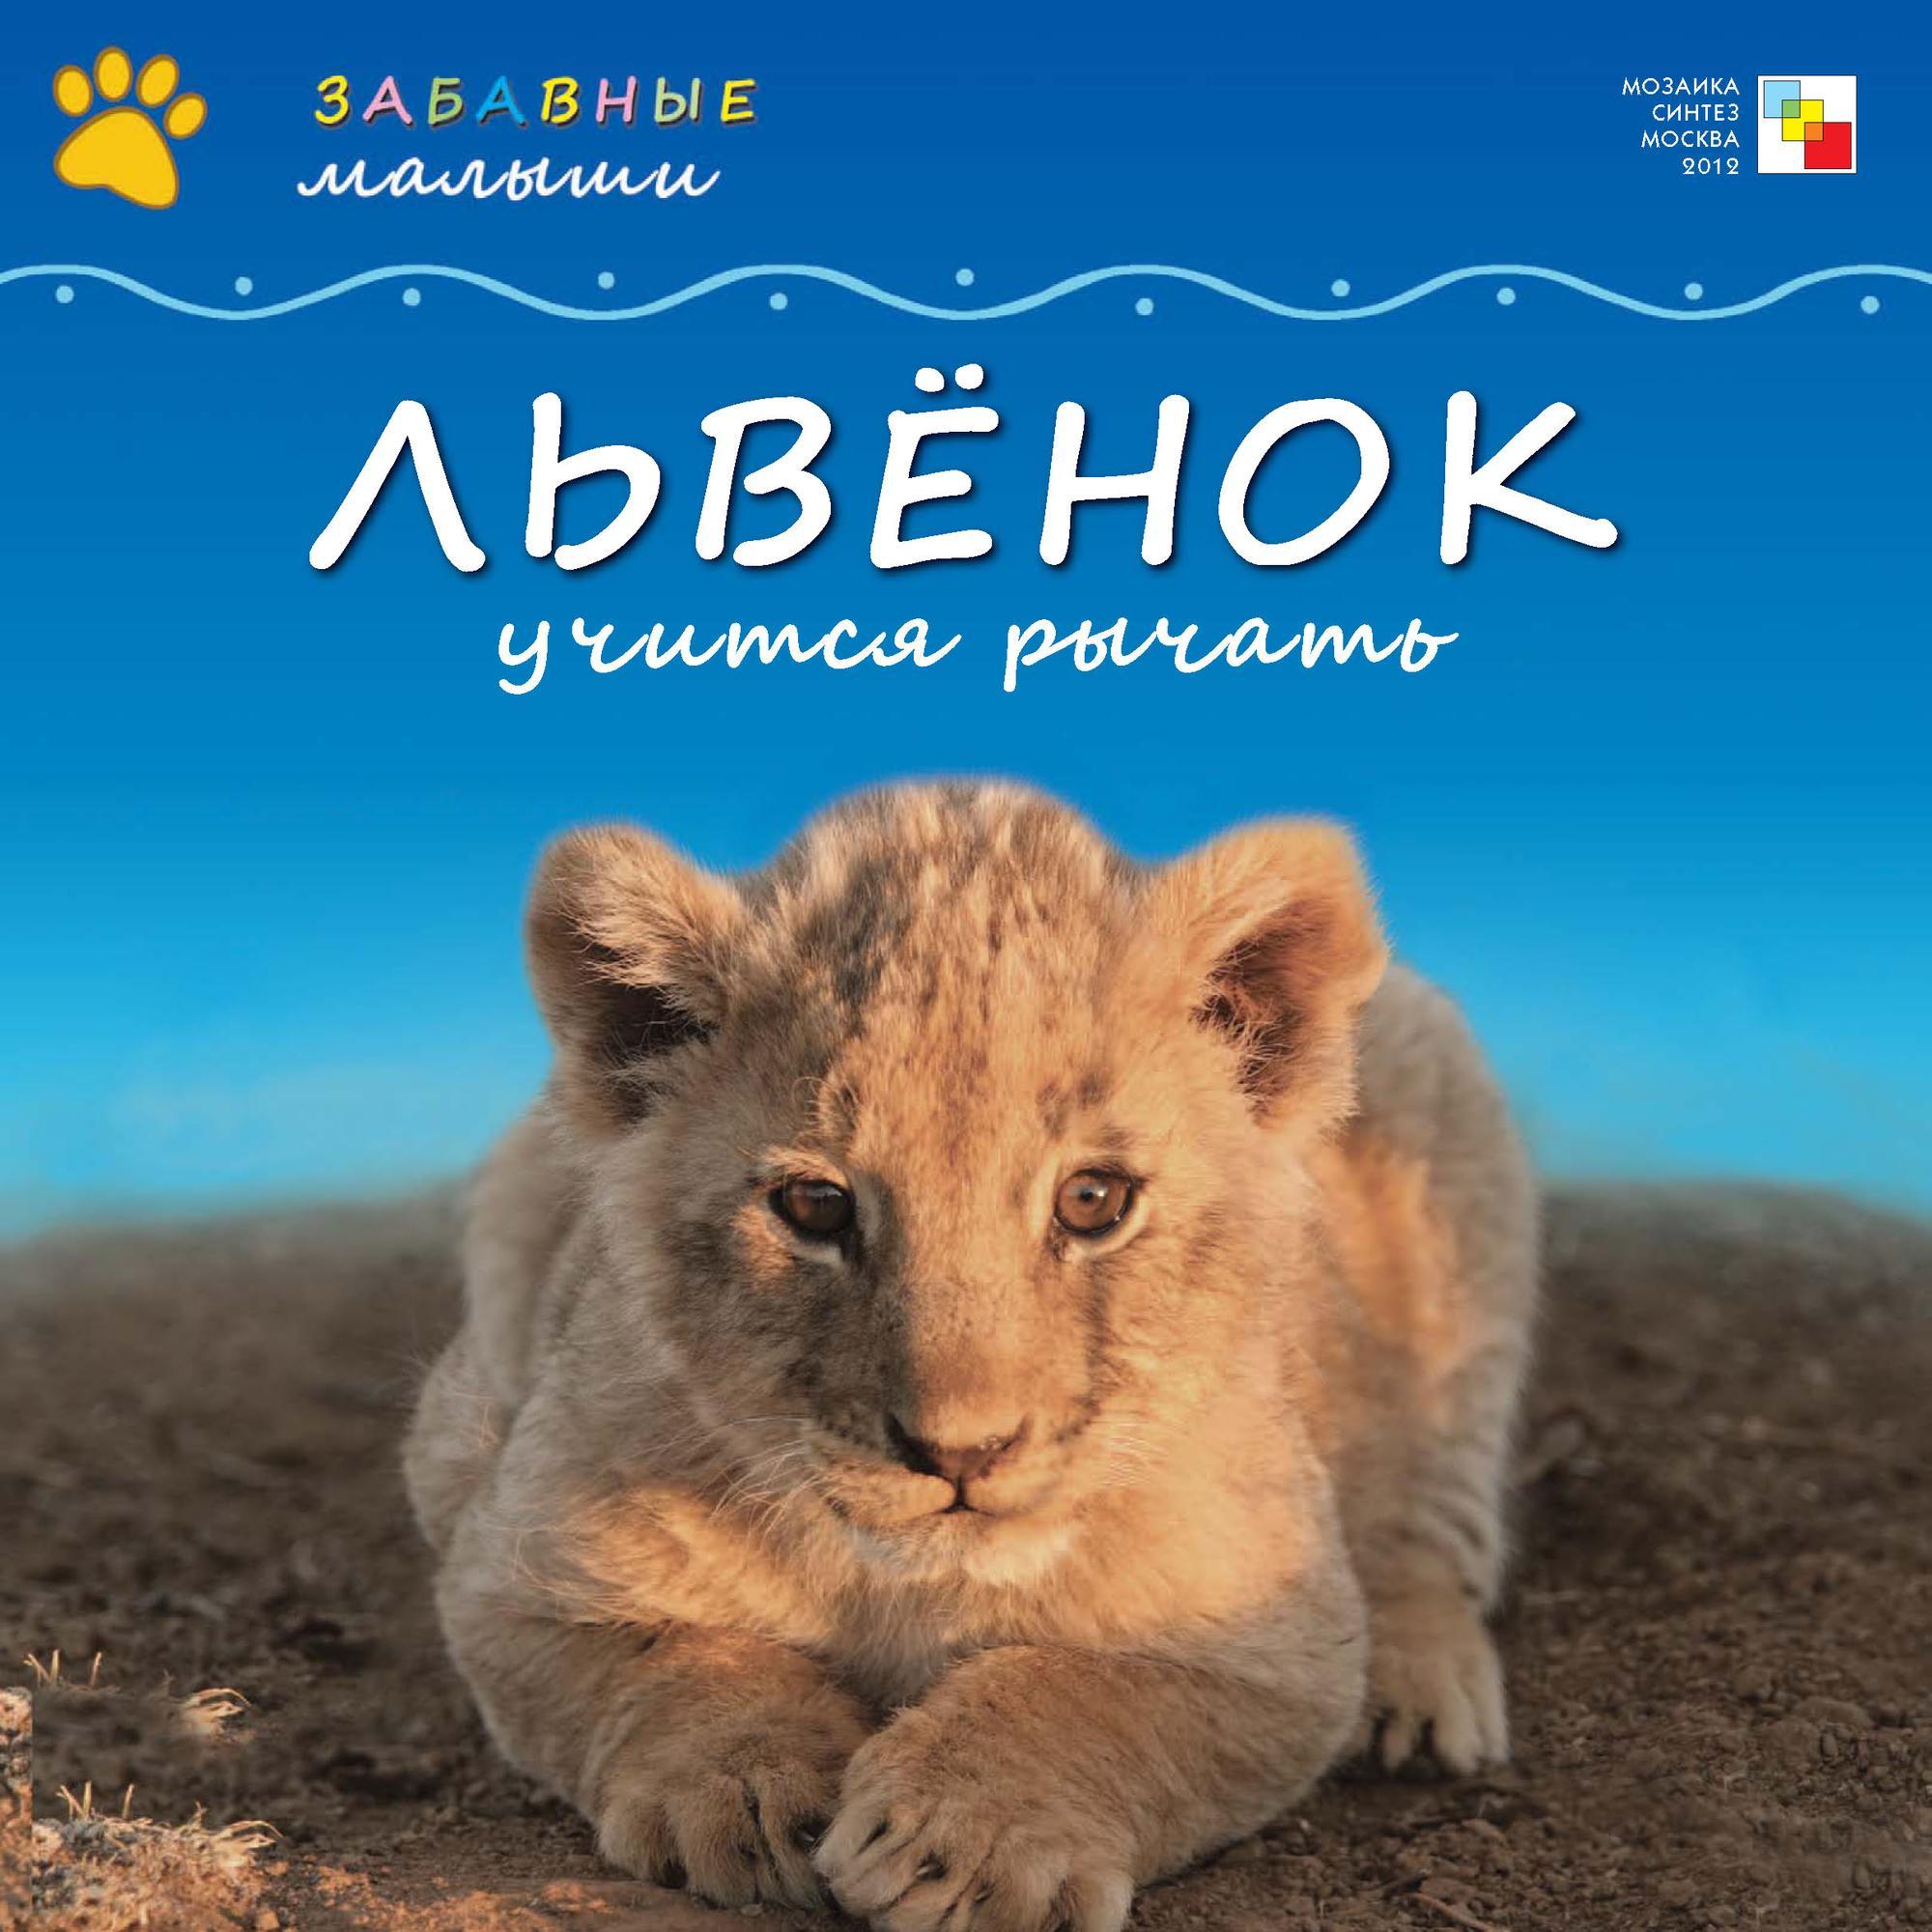 Сужата Менон Львёнок учится рычать рубель птицы львы 02